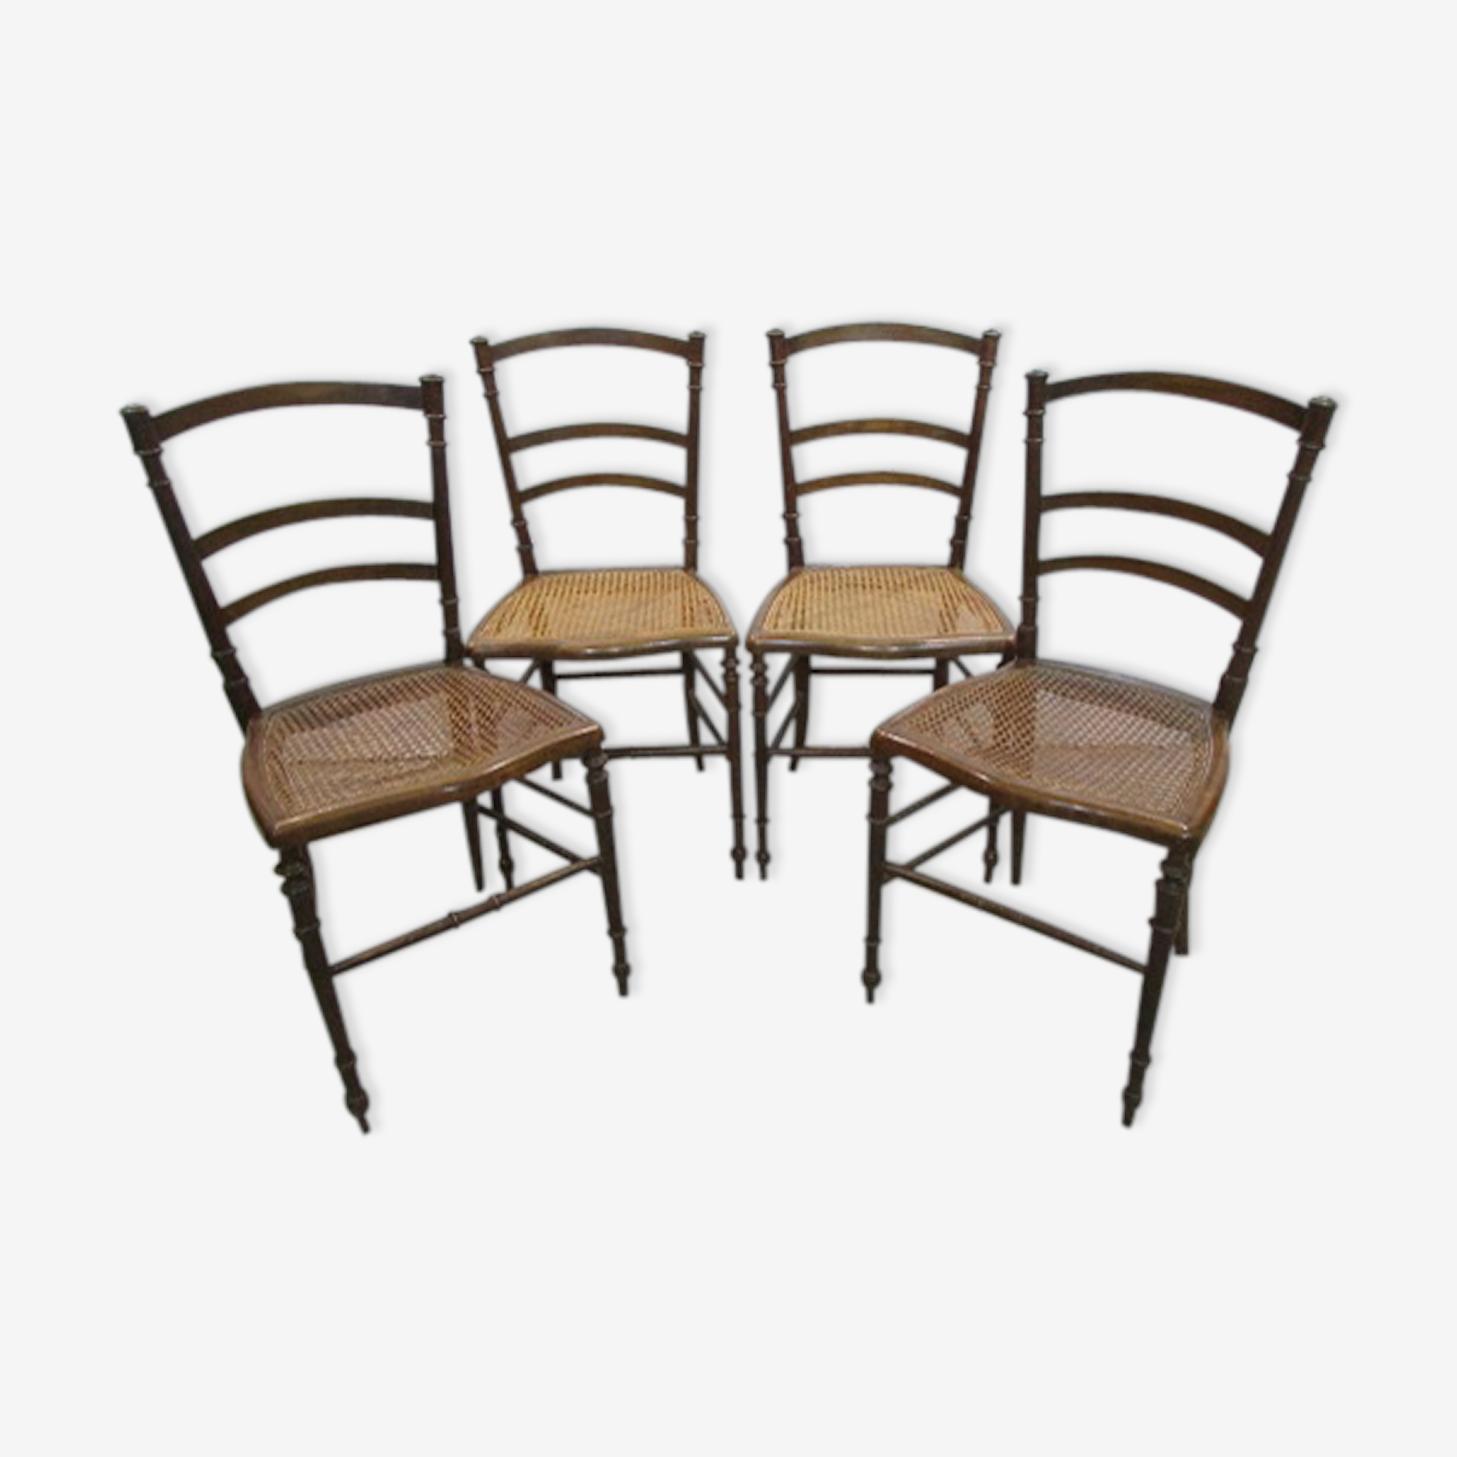 Suite de 4 chaises 19ème en noyer et cannage